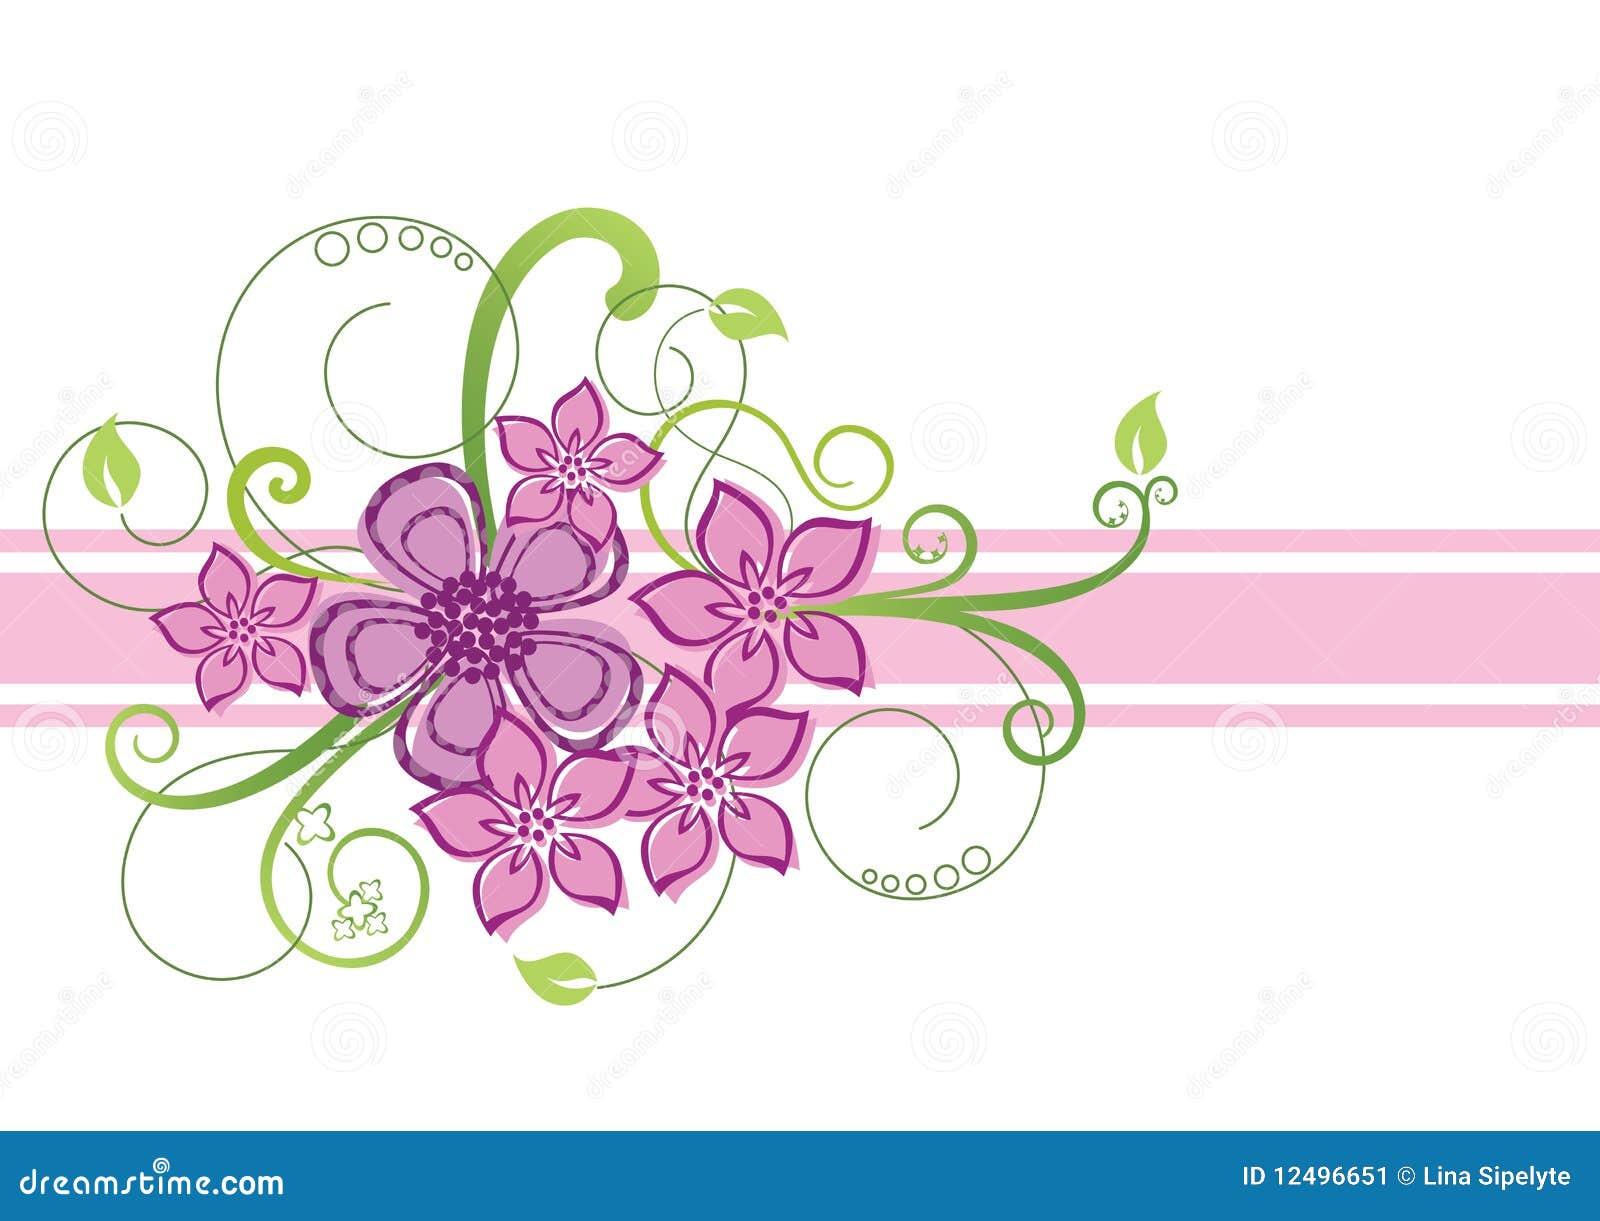 Floral pink and green border design vector illustration.